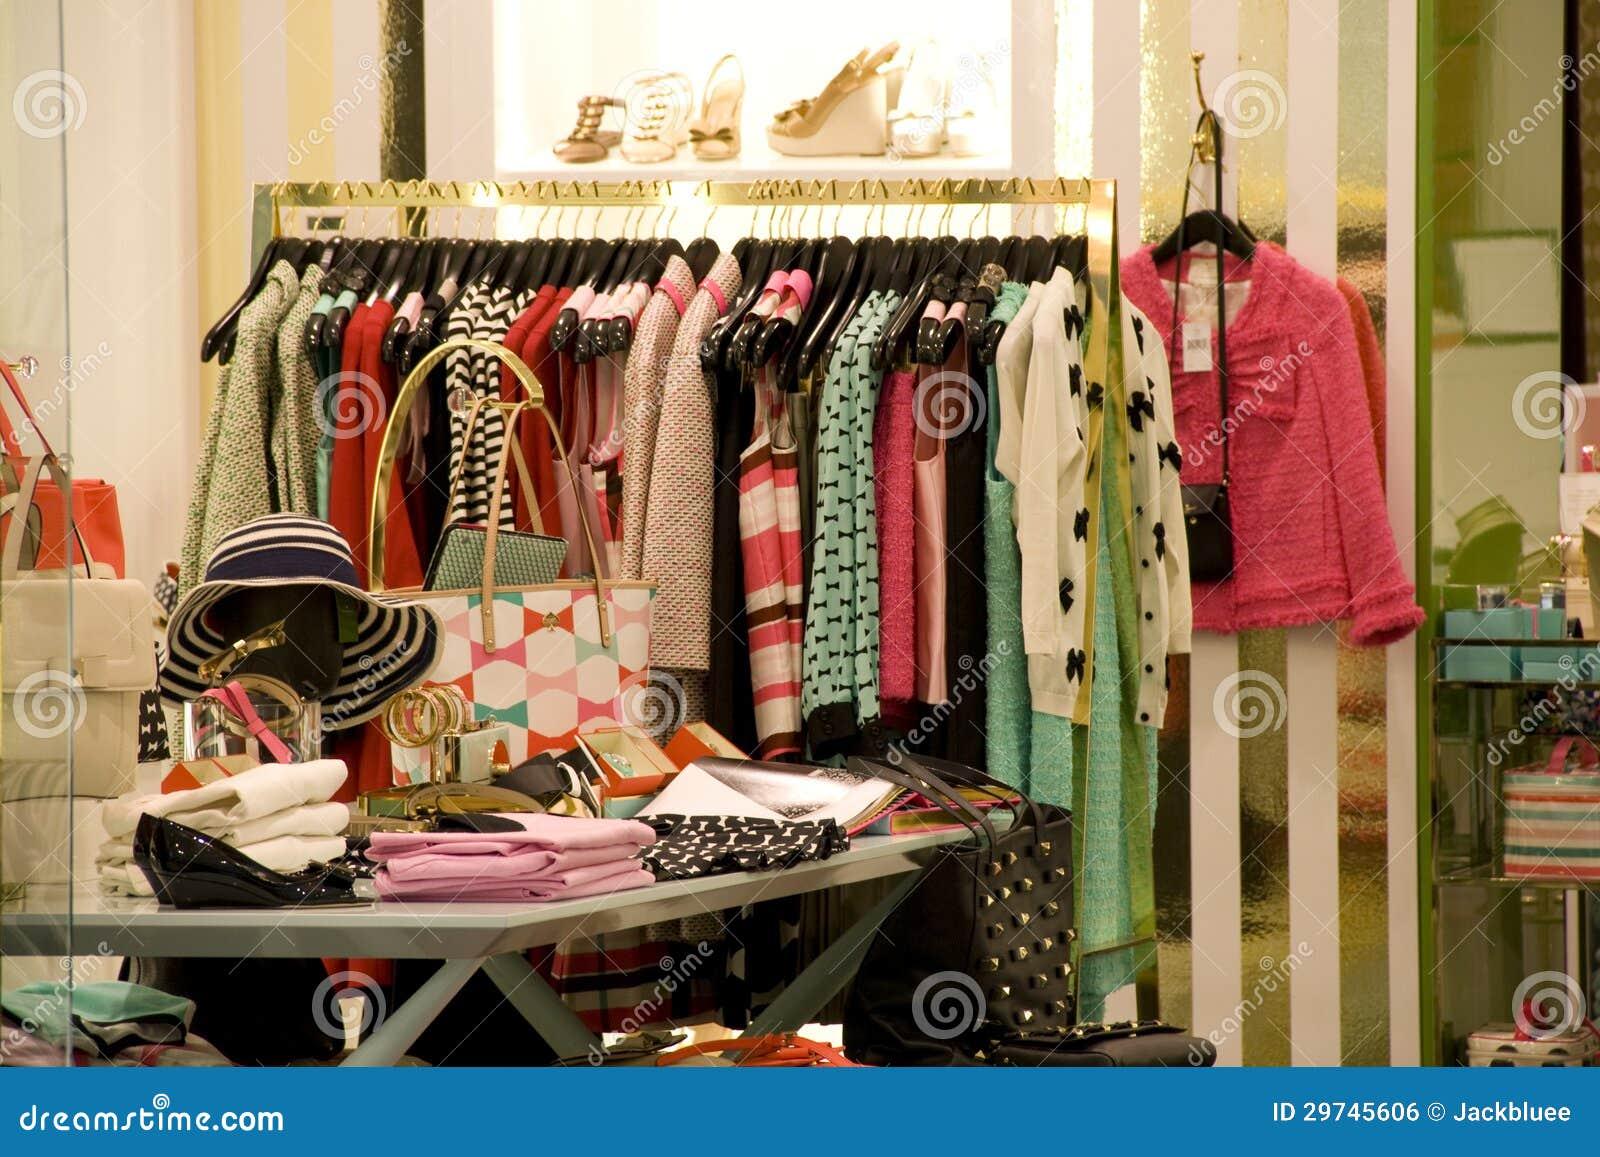 6646d1476 Tienda De La Moda De La Ropa Y Del Zapato De La Mujer Foto de ...